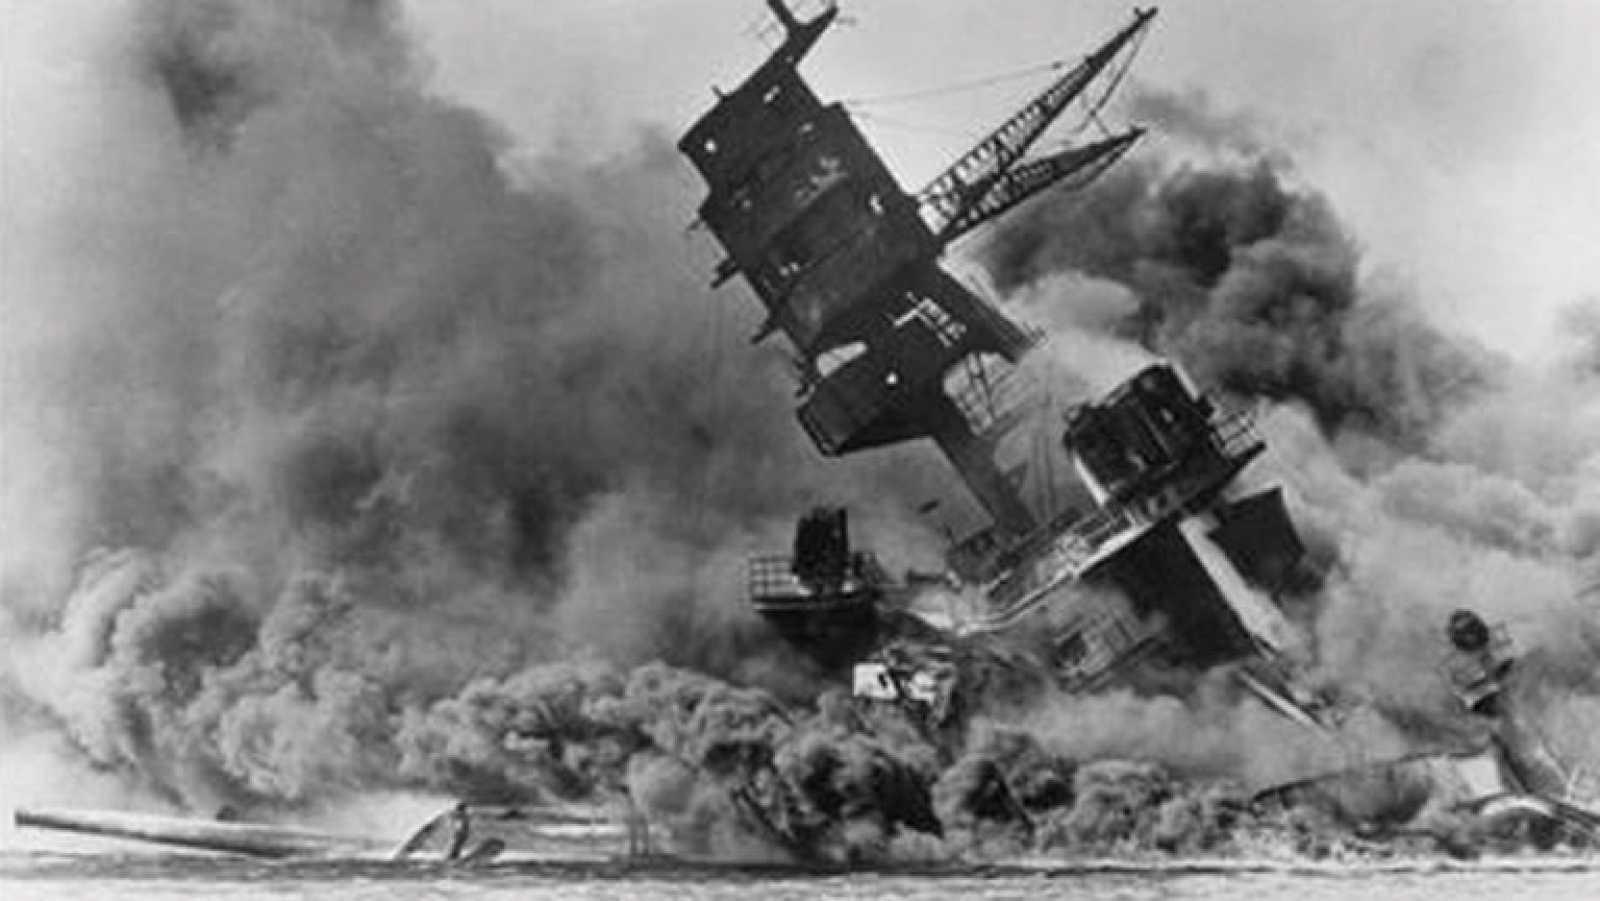 Σαν σήμερα: Η Ιαπωνία επιτίθεται στο Περλ Χάρμπορ